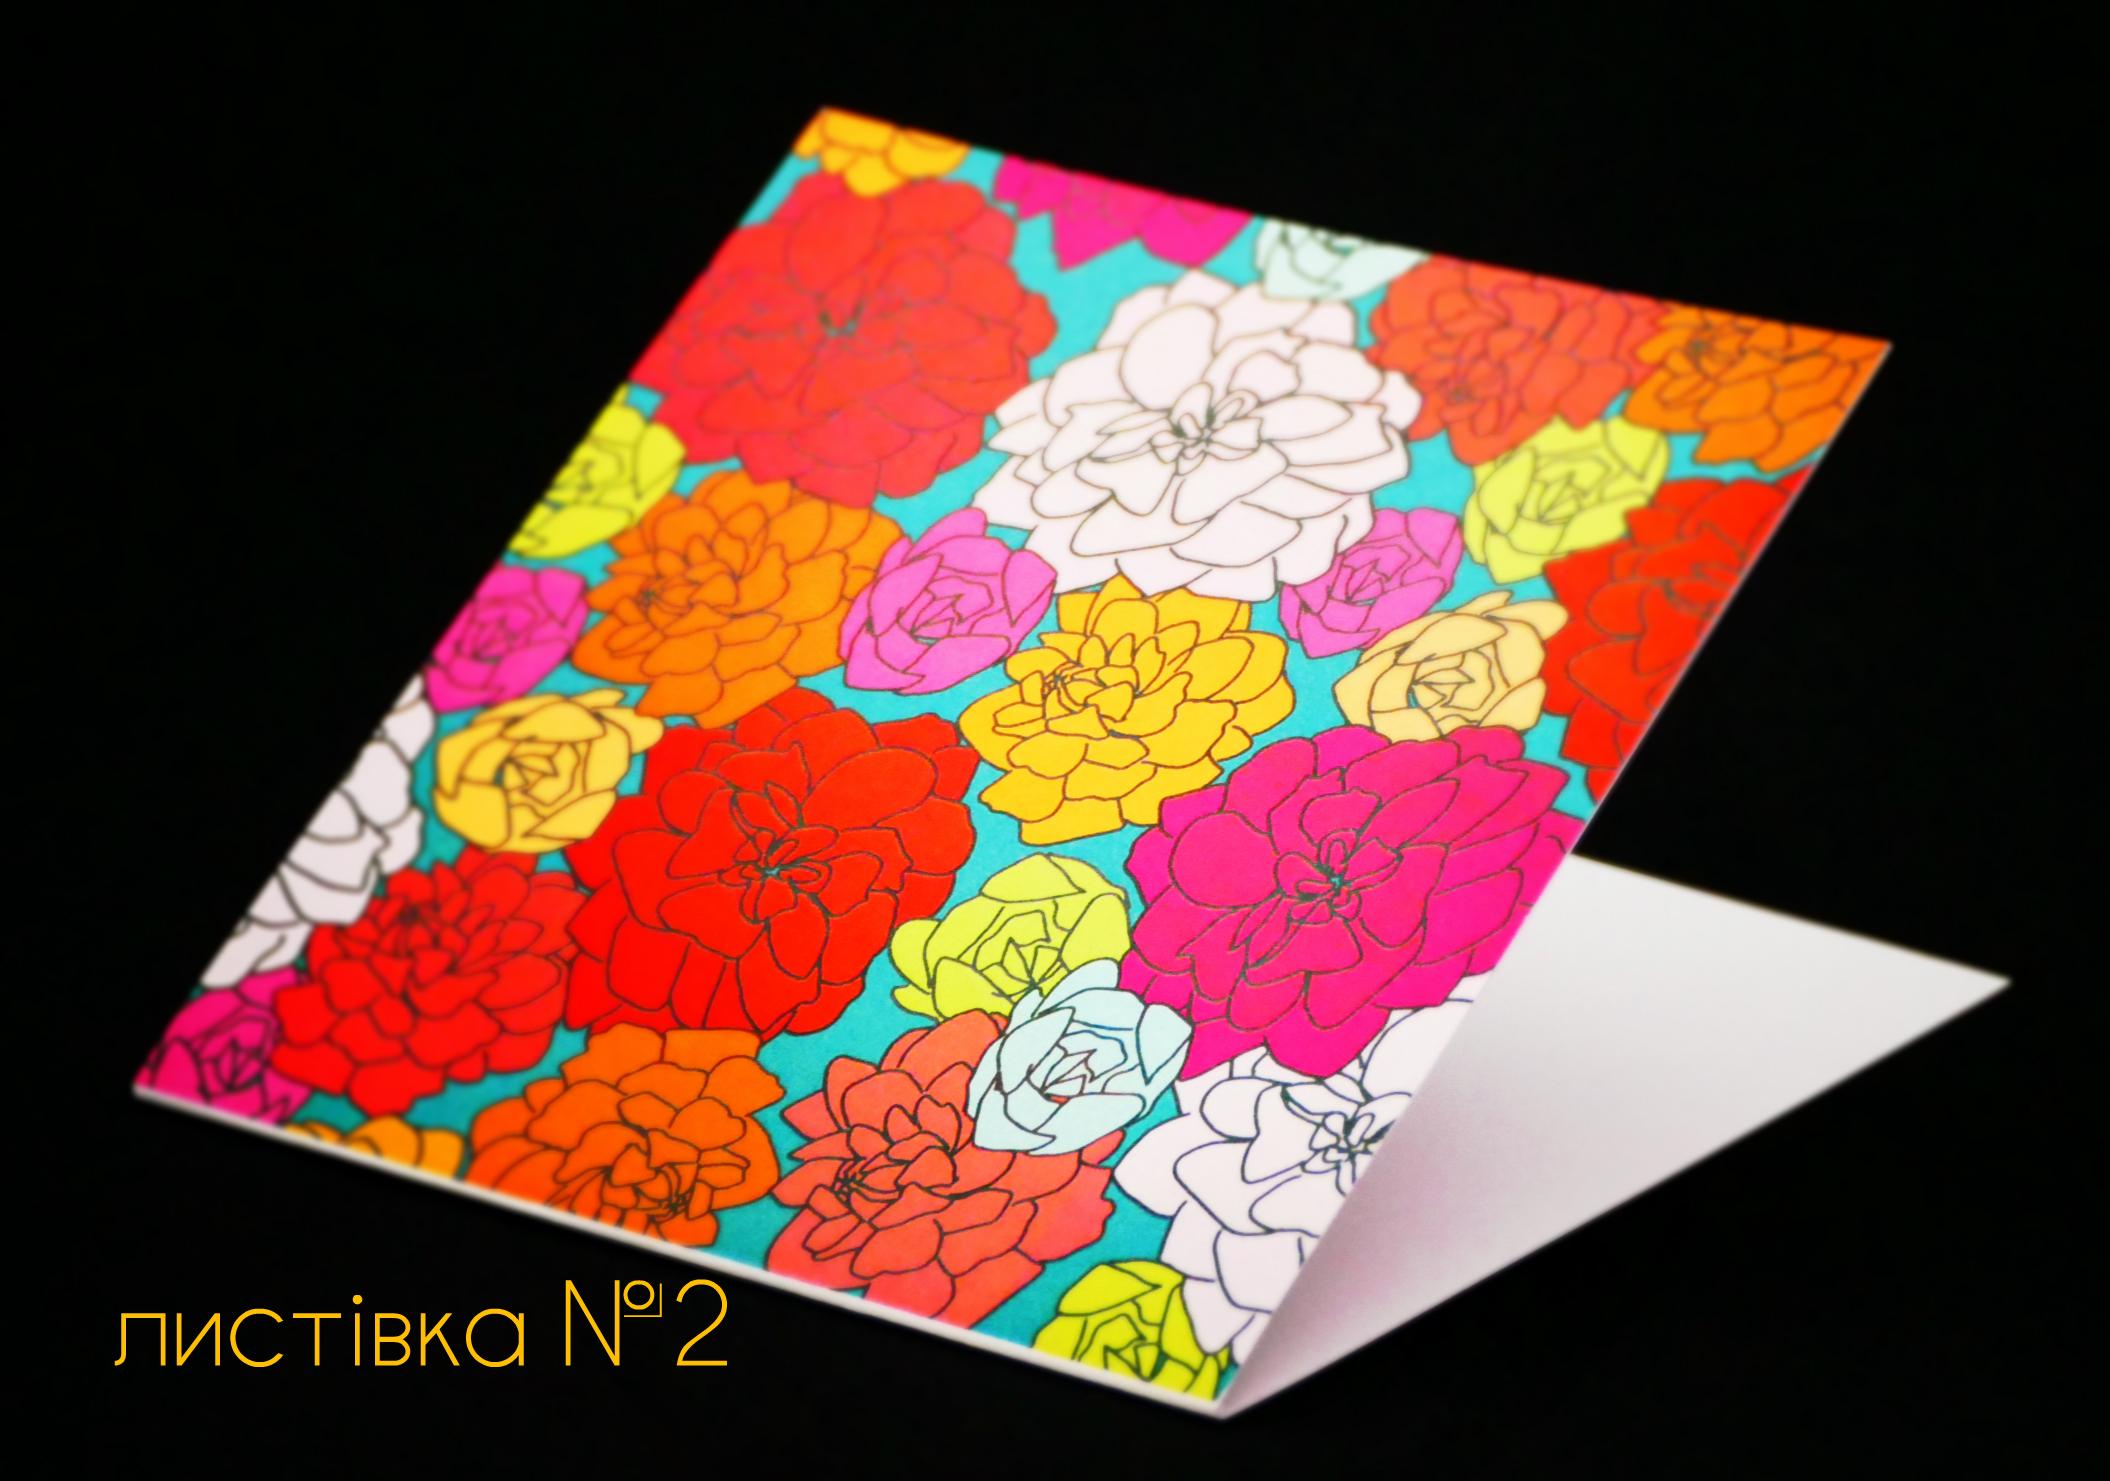 весняна листівка ТМ Від Юрка Вербила 2 з написом.jpg